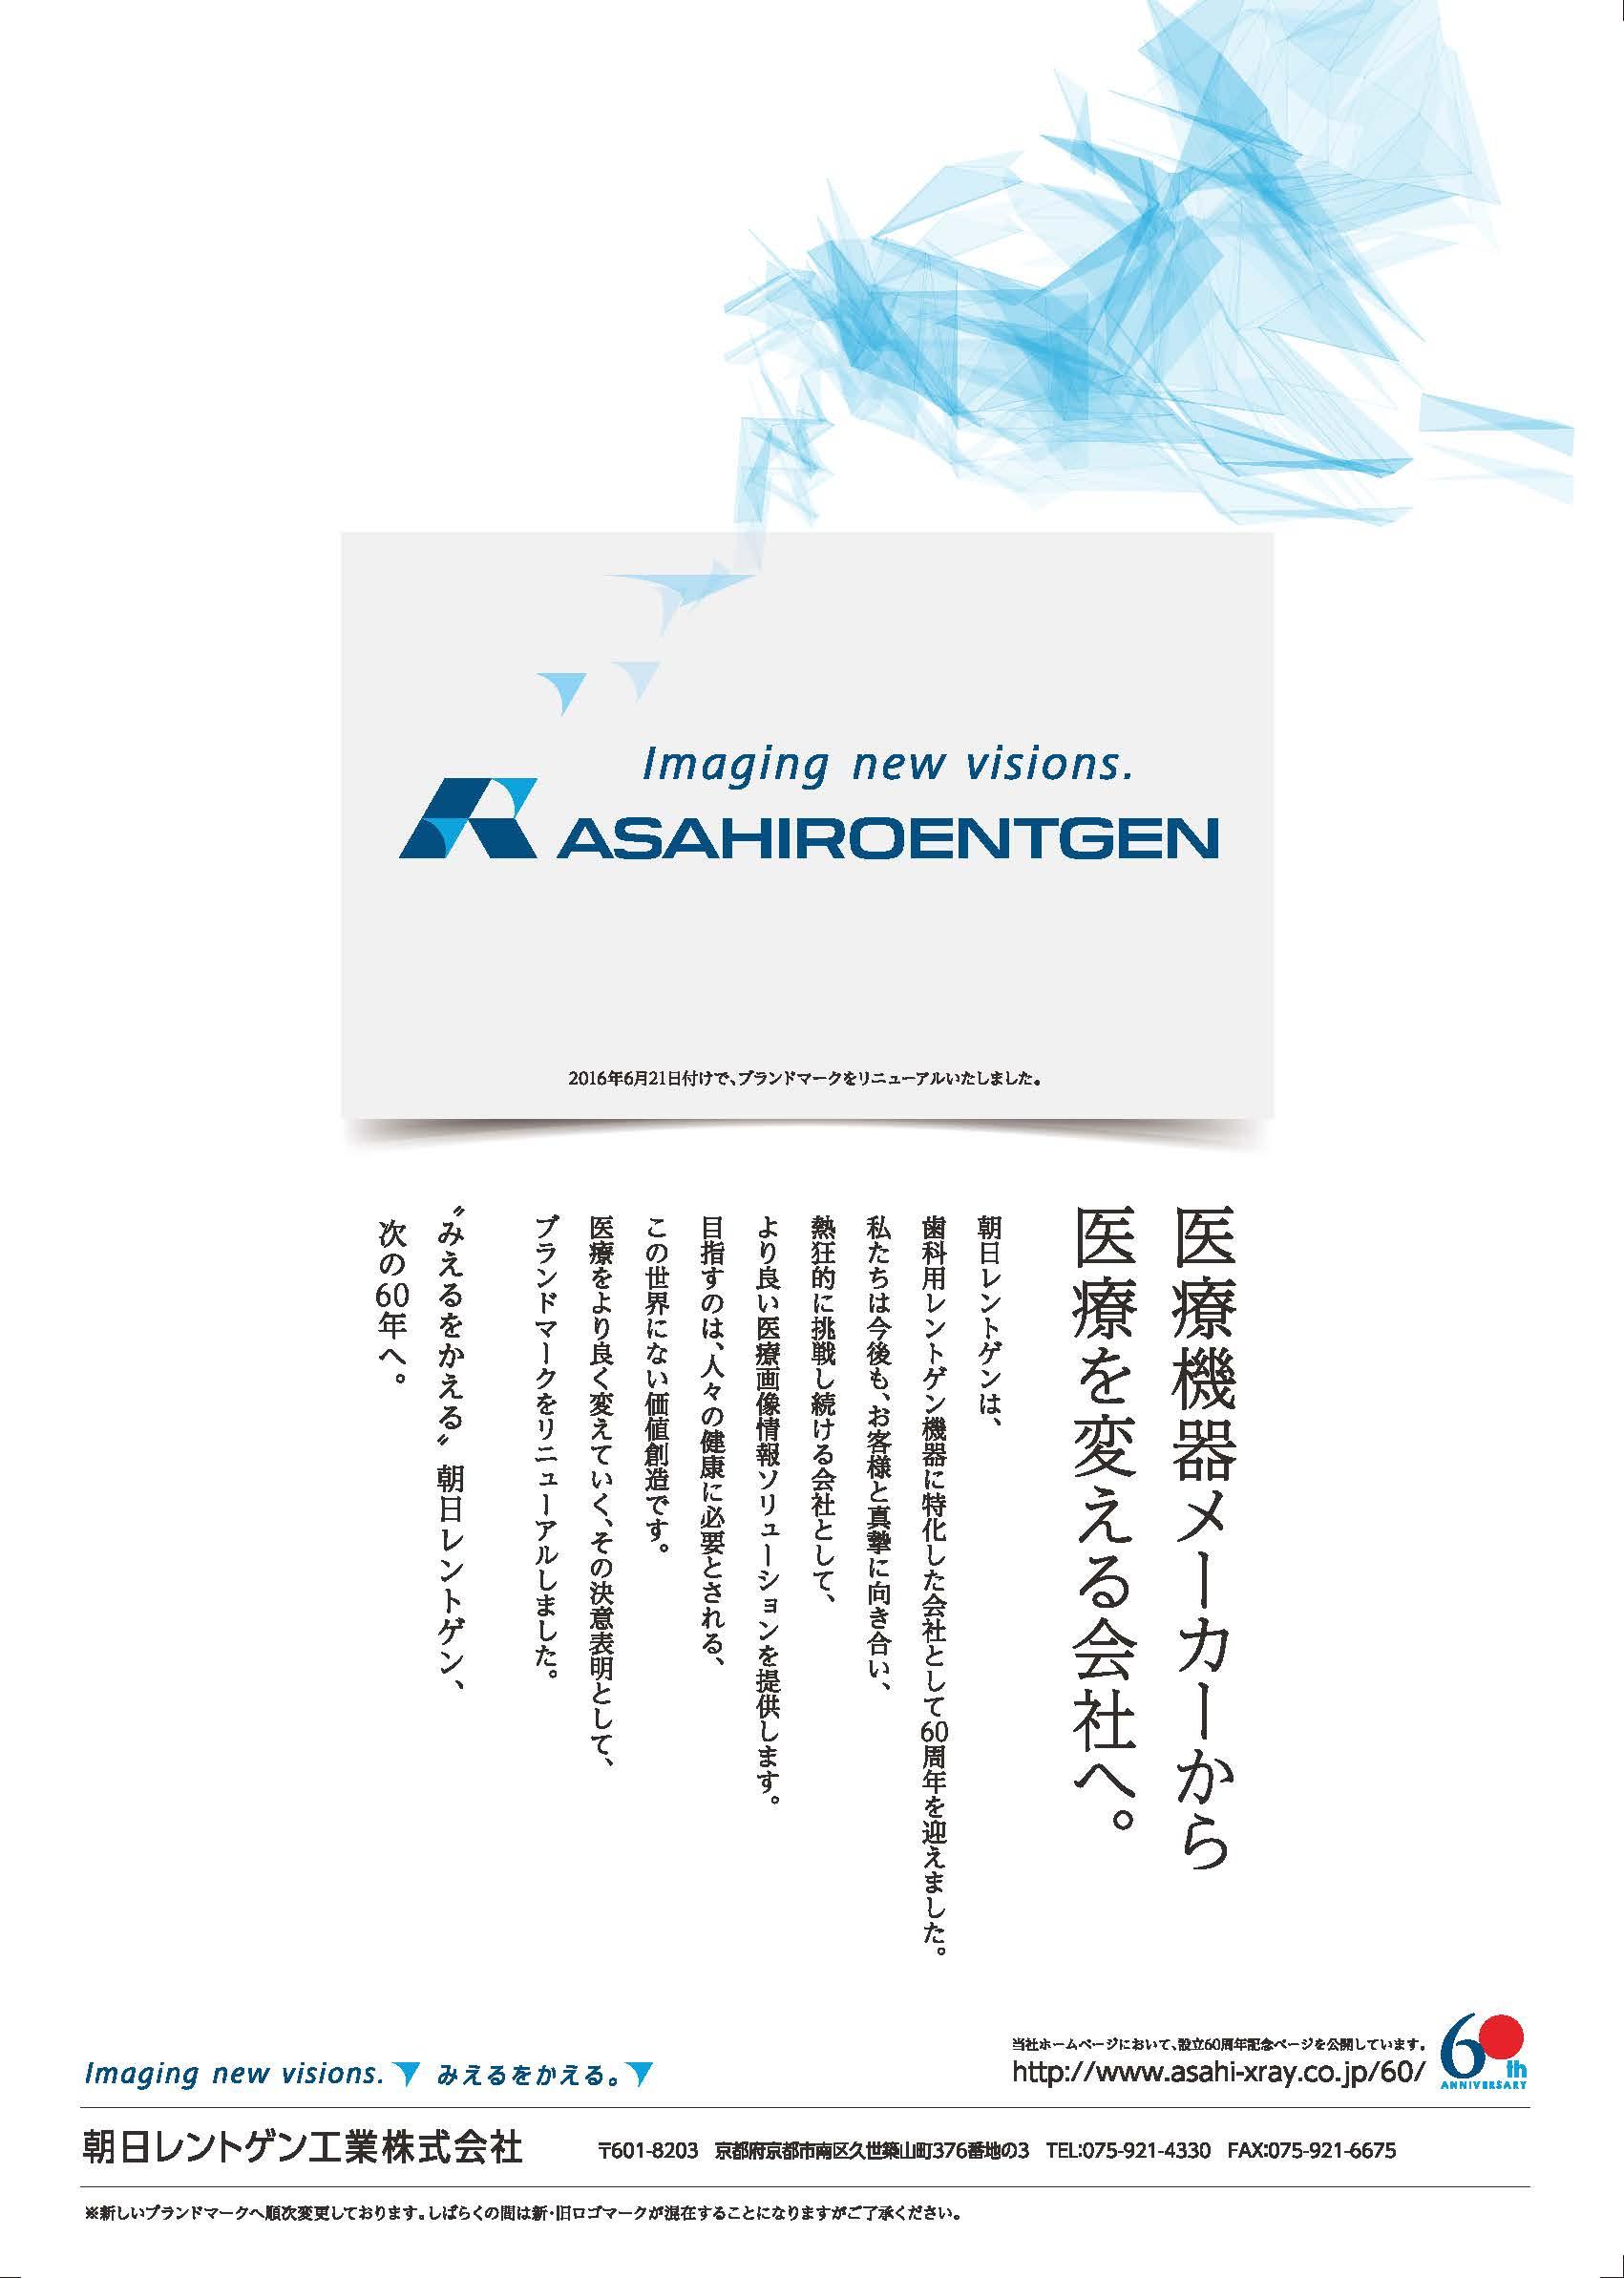 ブランドマークリニューアル企業広告(PDF)